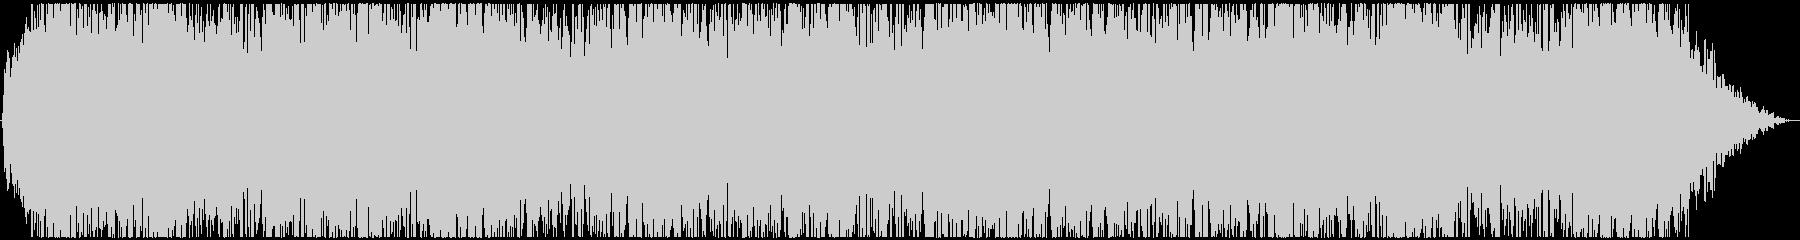 イメージ 地獄の声04の未再生の波形